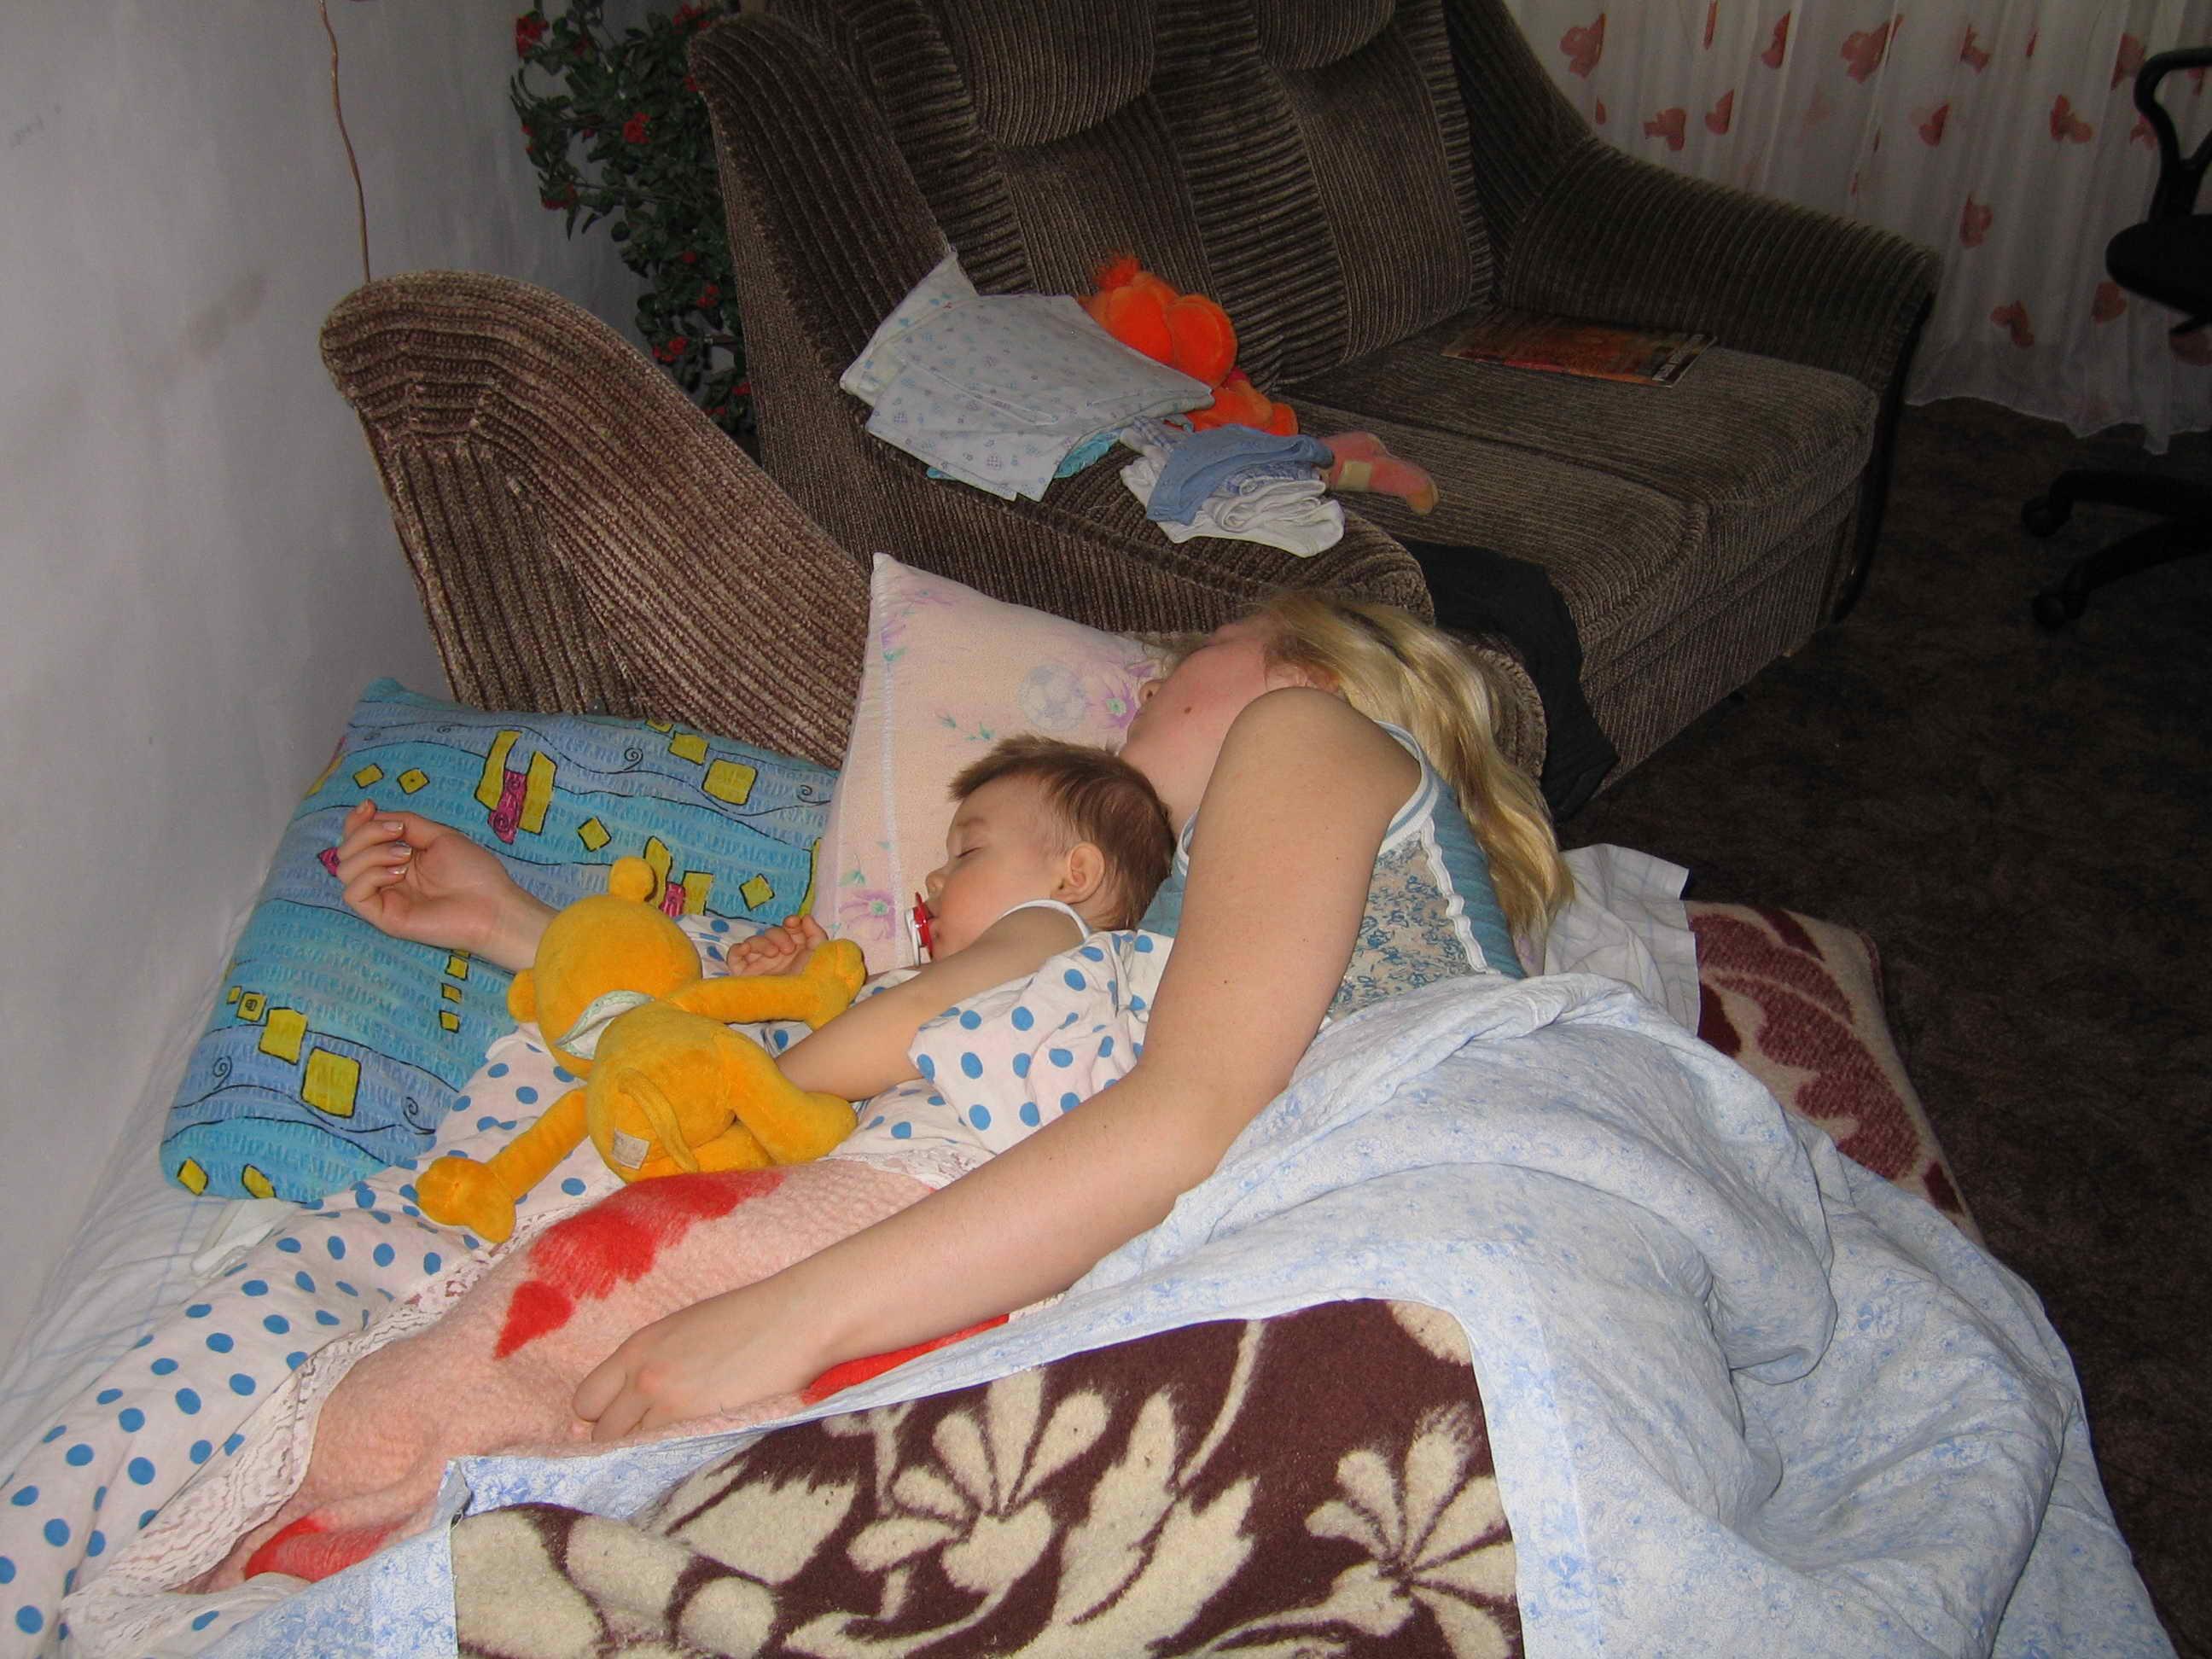 Частные фото мама с сыном, Регулярный инцент матери и сына (28 фото) 22 фотография